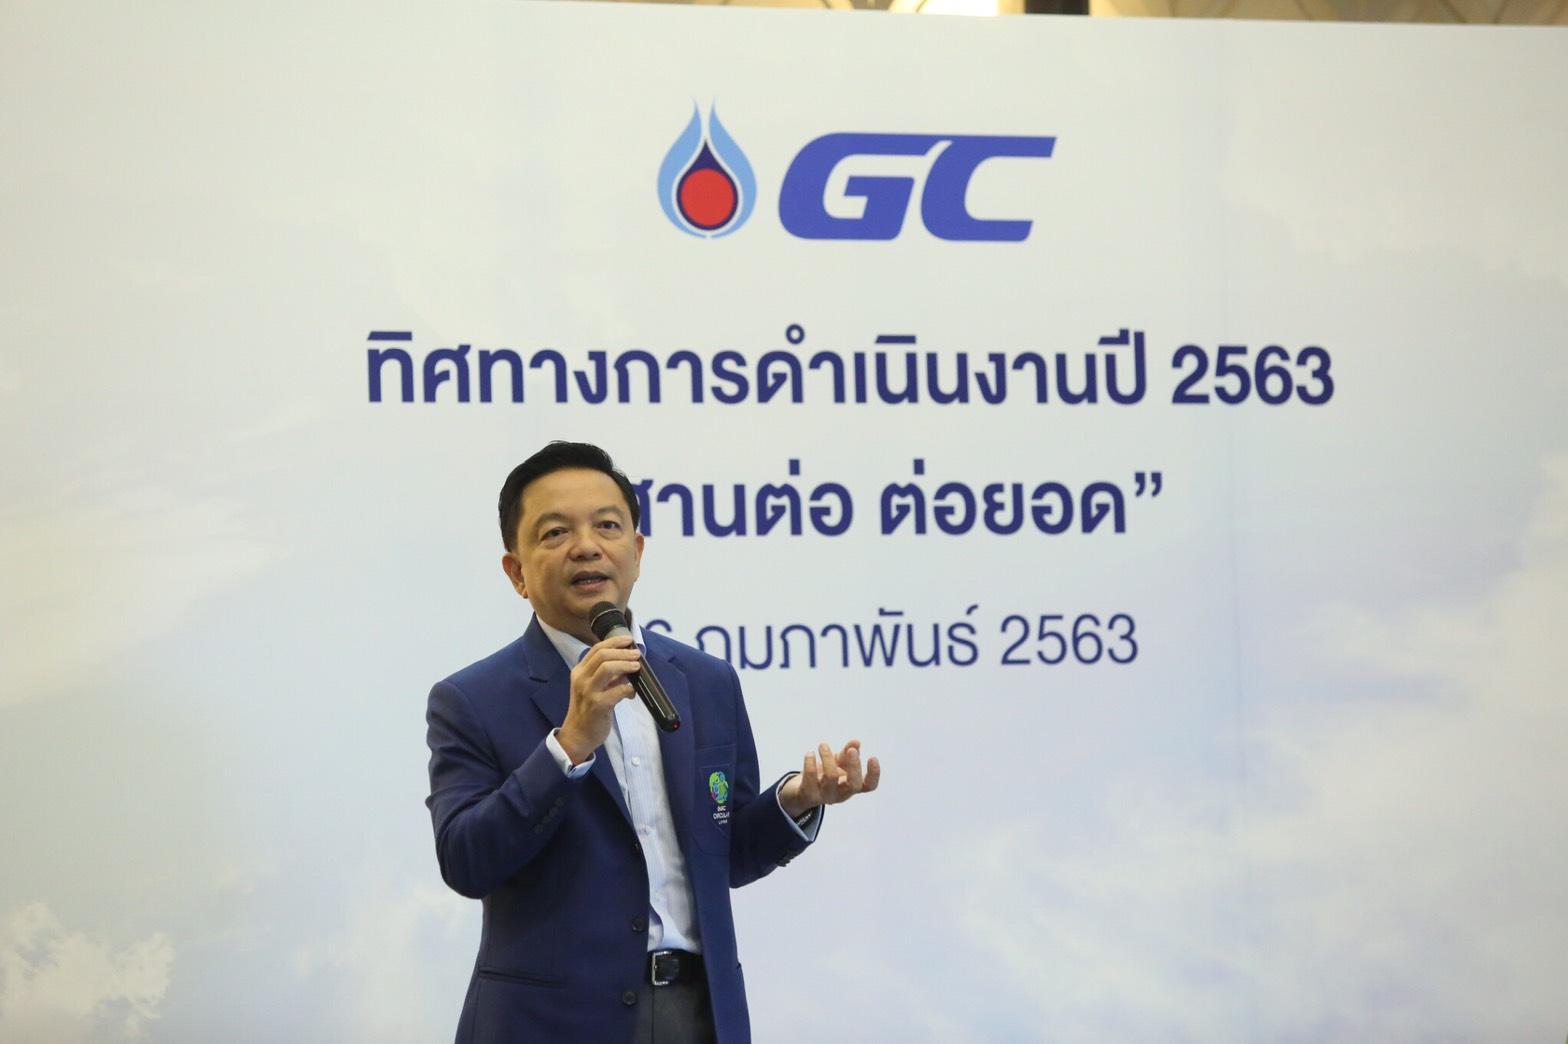 PTTGC เผยทิศทางการดำเนินงานในปี 2563 สานต่อ ต่อยอด ปิโตรเคมีสู่ระดับโลกอย่างยั่งยืน